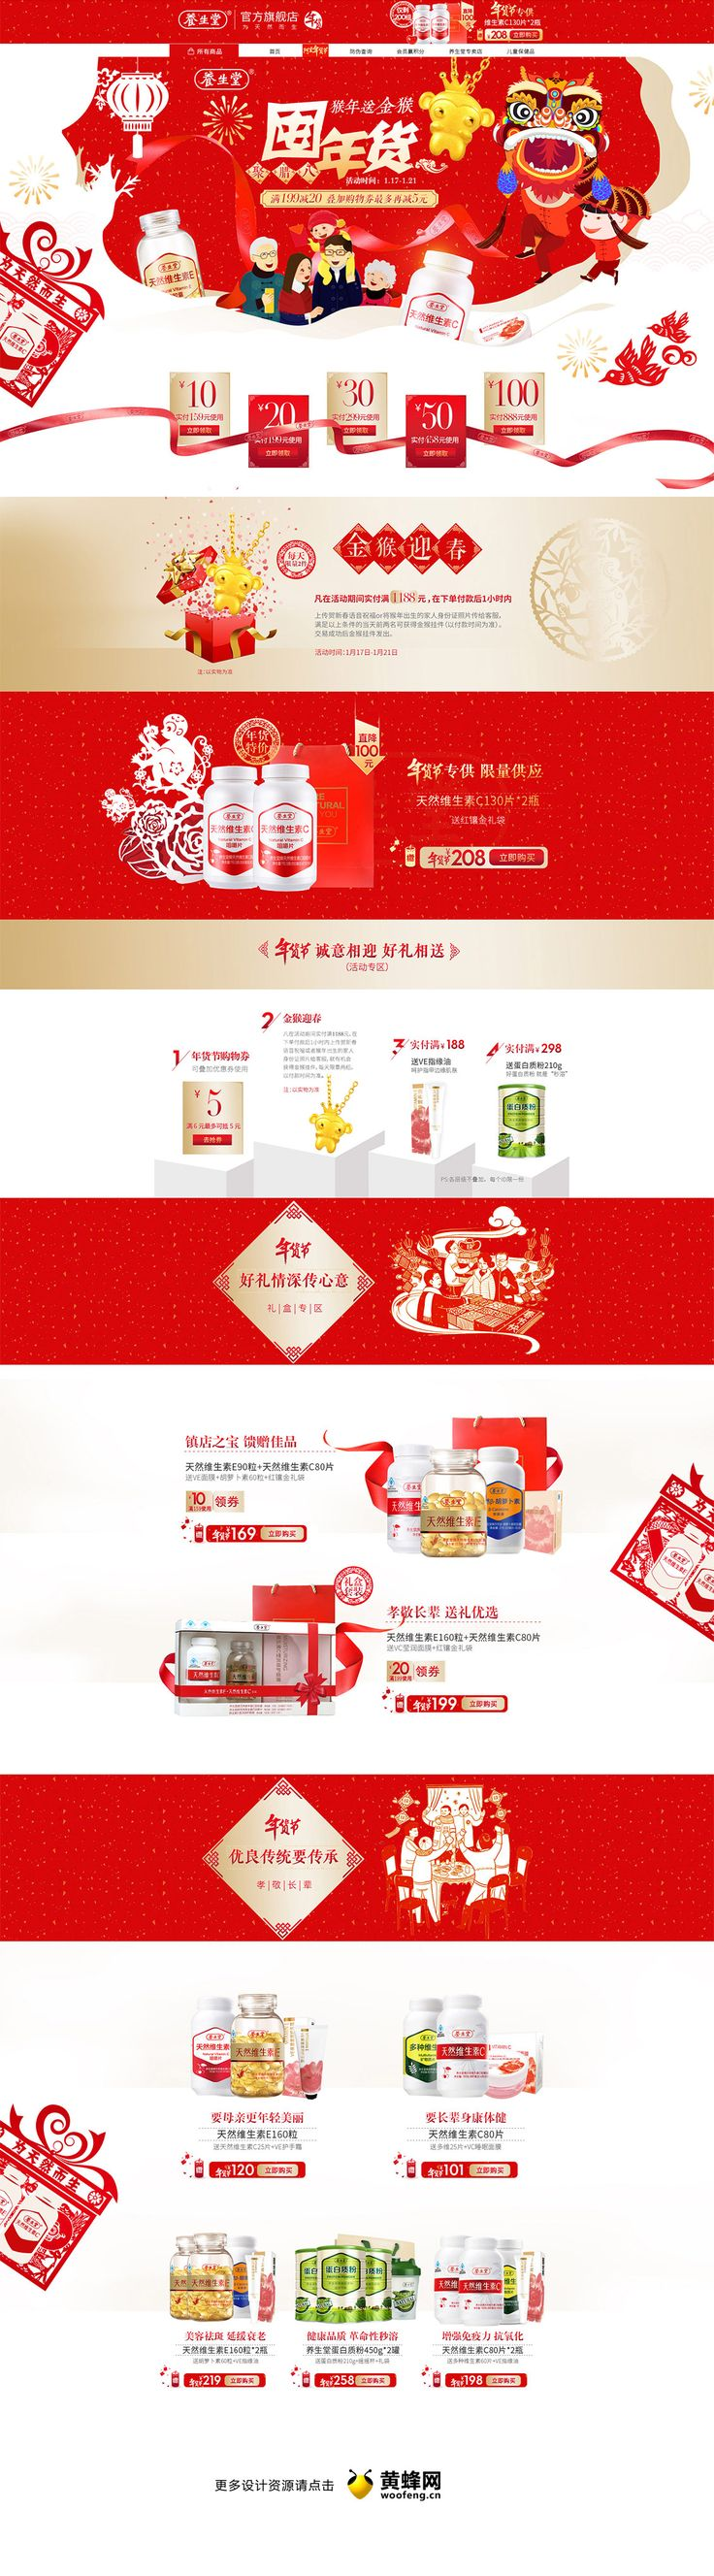 养生堂保健食品新年店铺首页设计,来源自黄蜂网http://woofeng.cn/